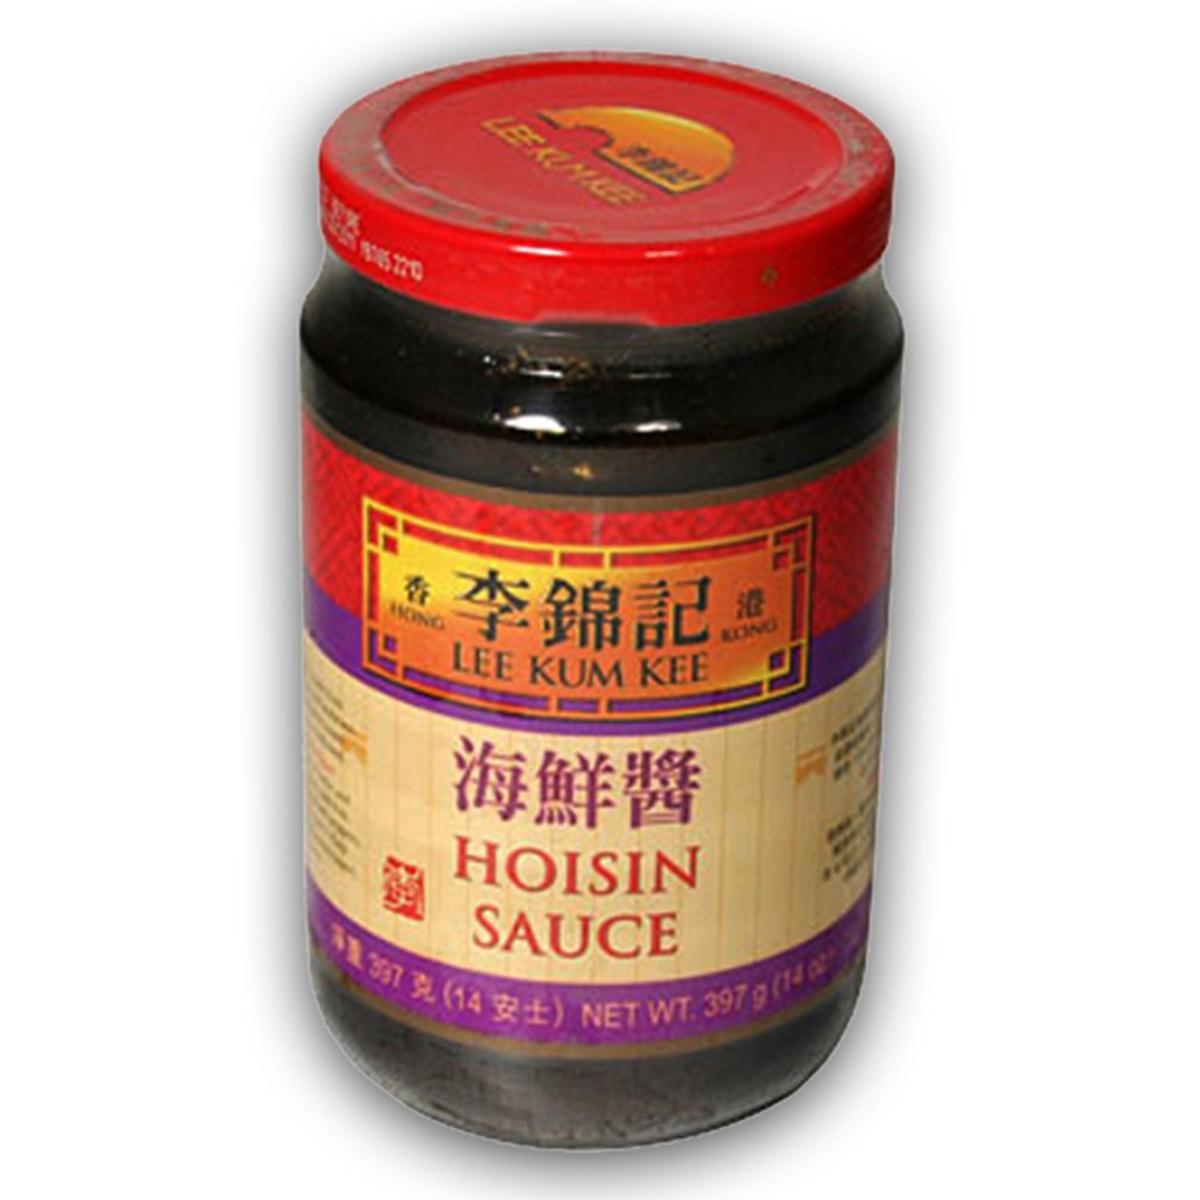 Buy Lee Kum Kee Hoisin Sauce - 397 gm